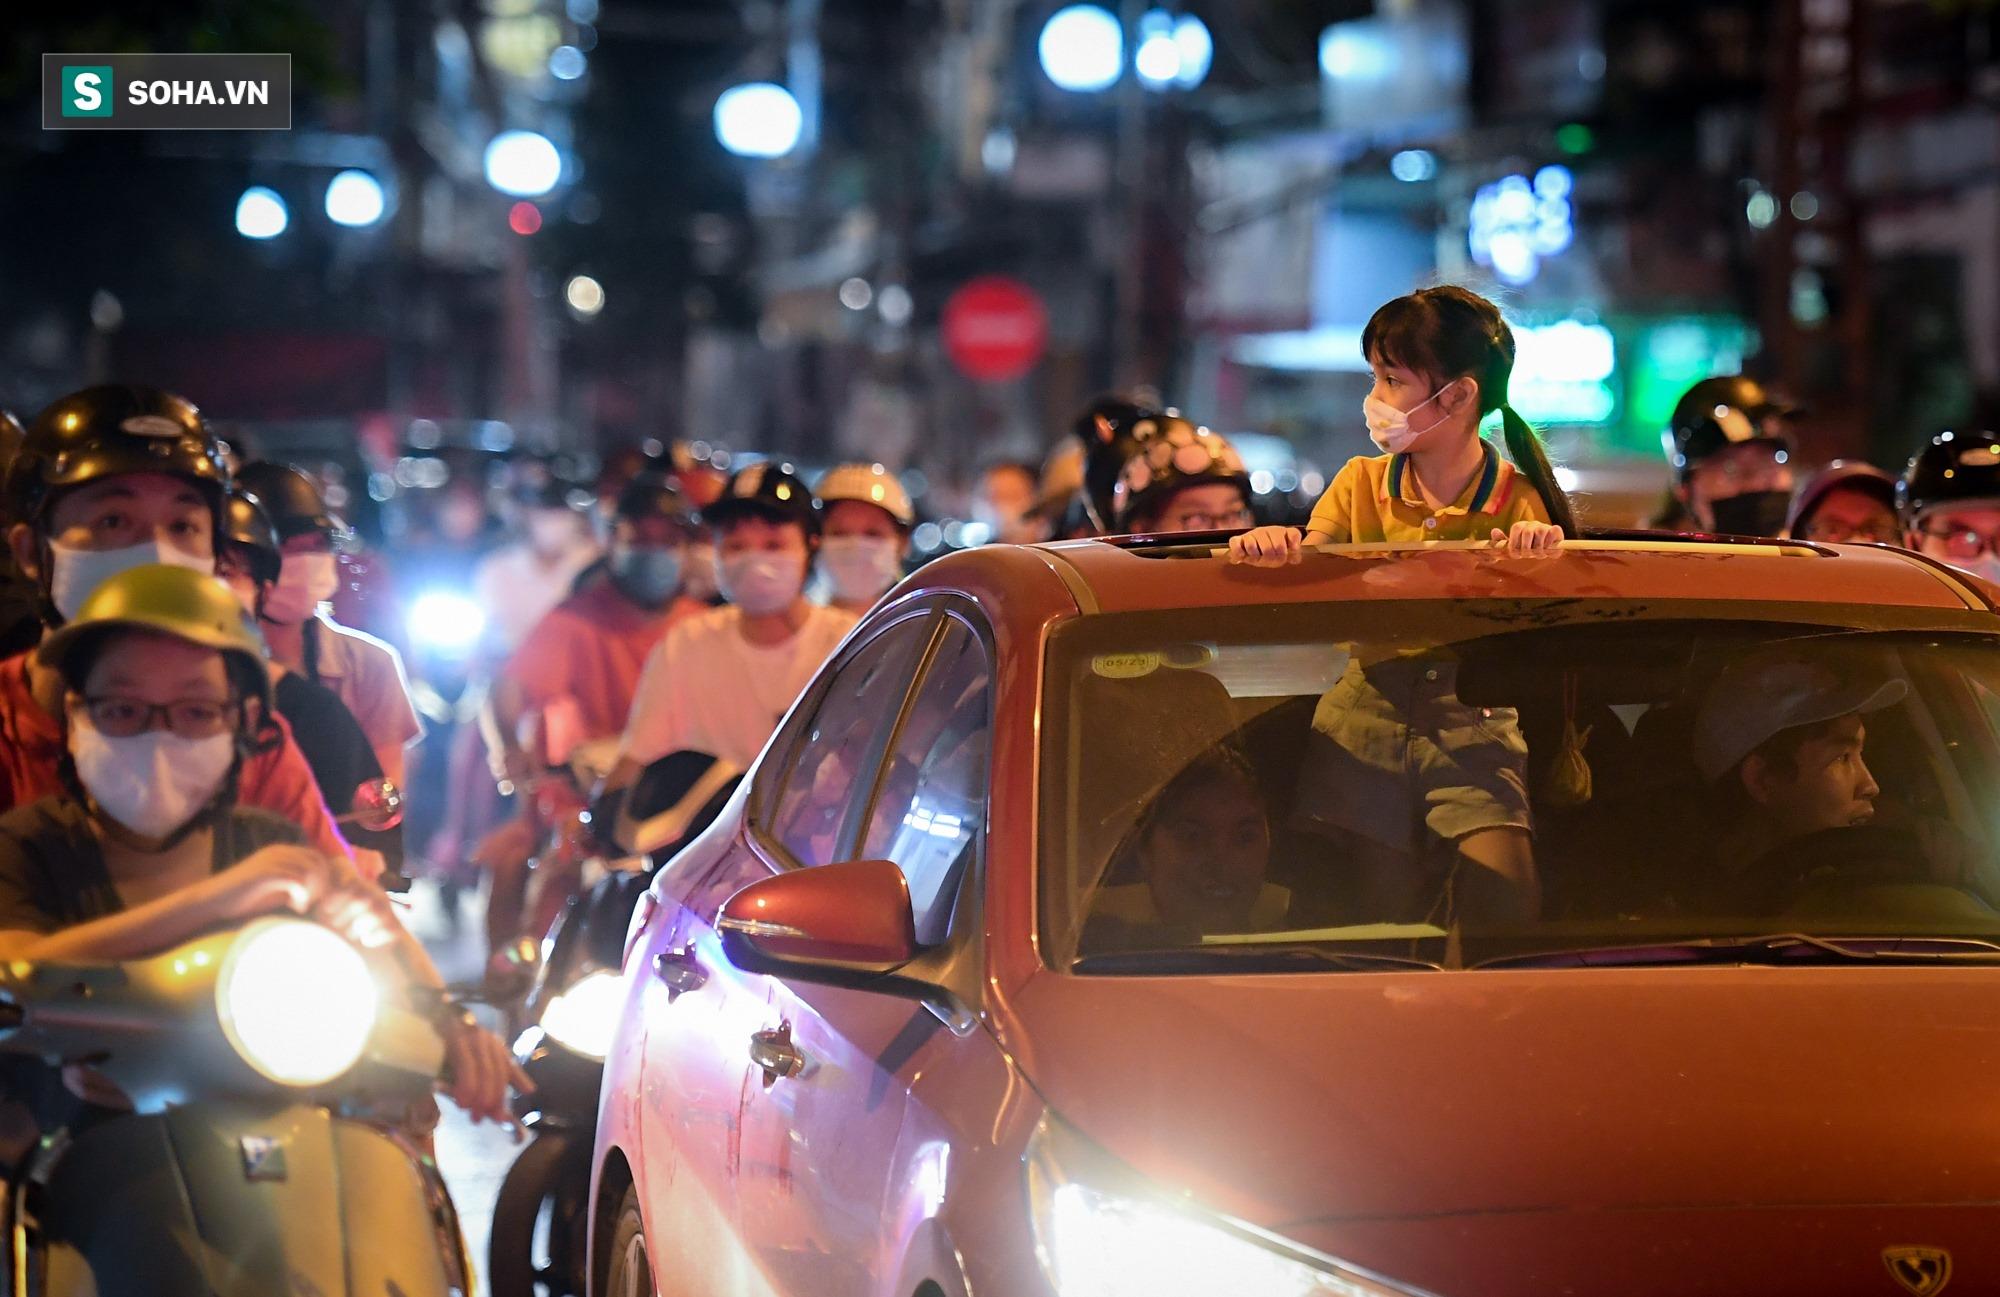 Dòng xe đông như hội nối đuôi nhau trên nhiều tuyến phố trung tâm thủ đô đêm Trung thu - Ảnh 3.